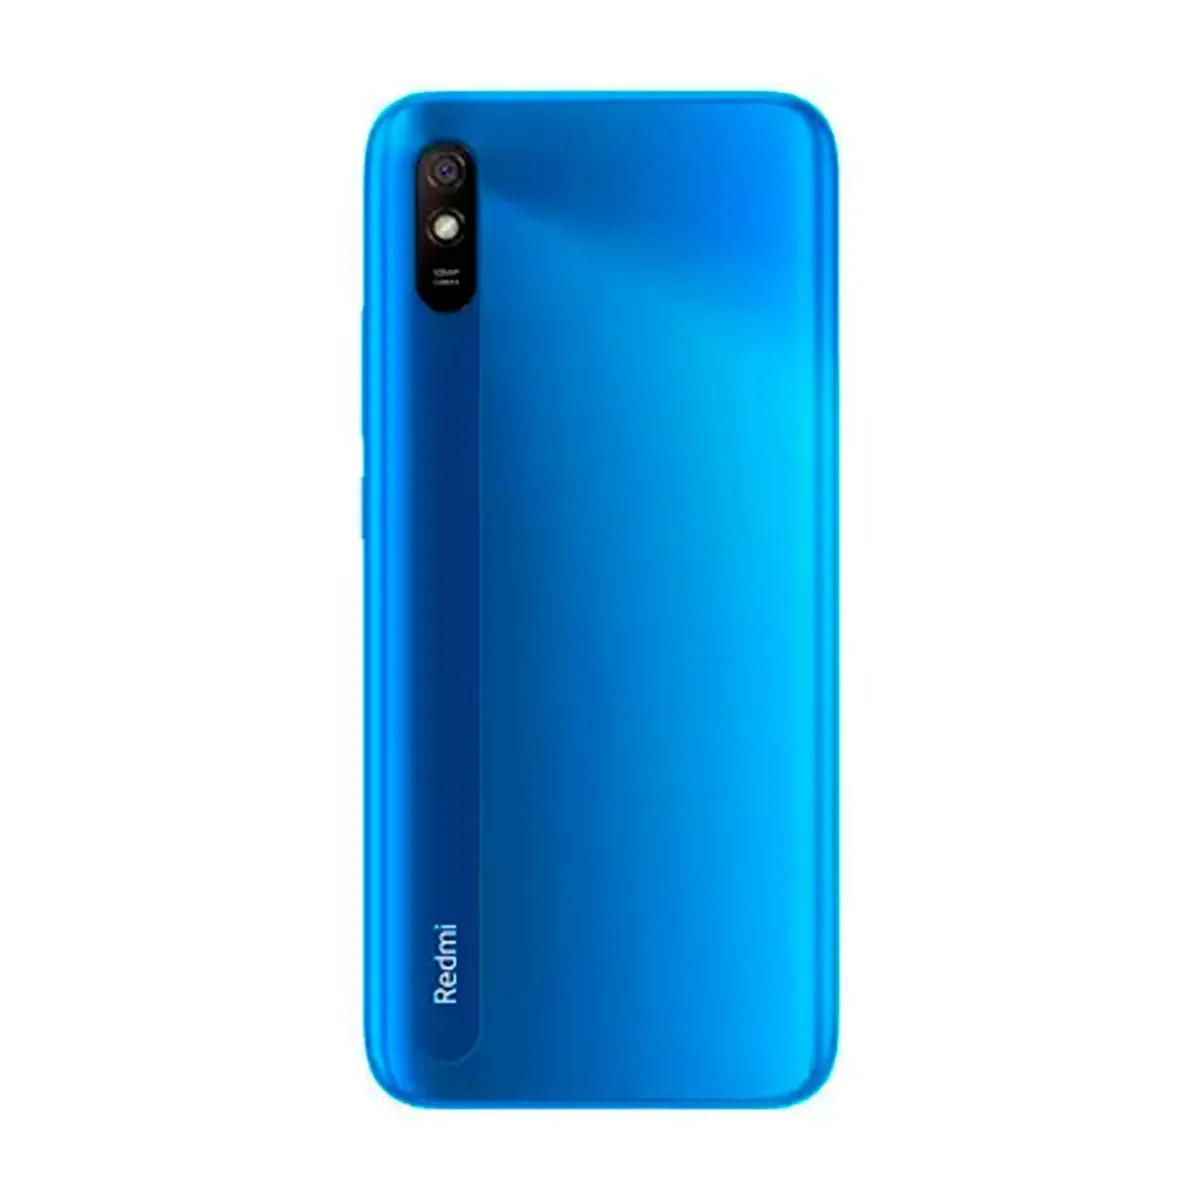 Smartphone Xiaomi Redmi 9a 32gb 2gb Ram 4 Câmeras Azul